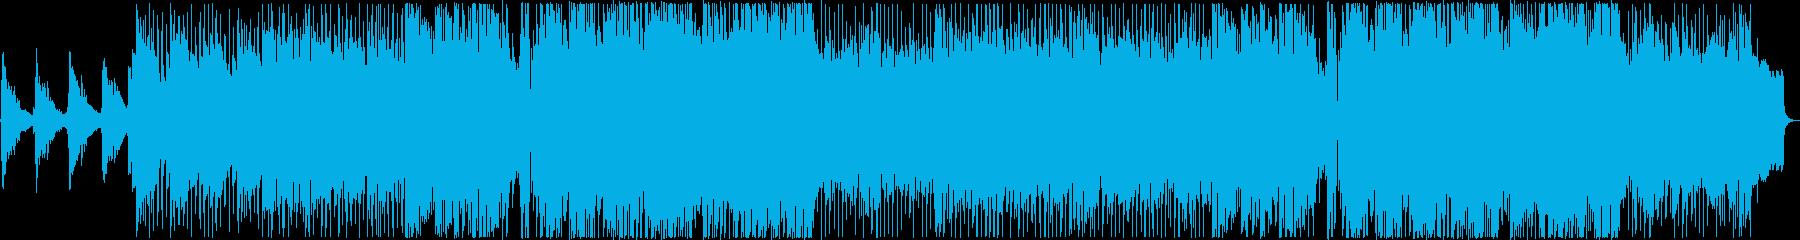 [生ギター]前向きで爽やかな曲の再生済みの波形